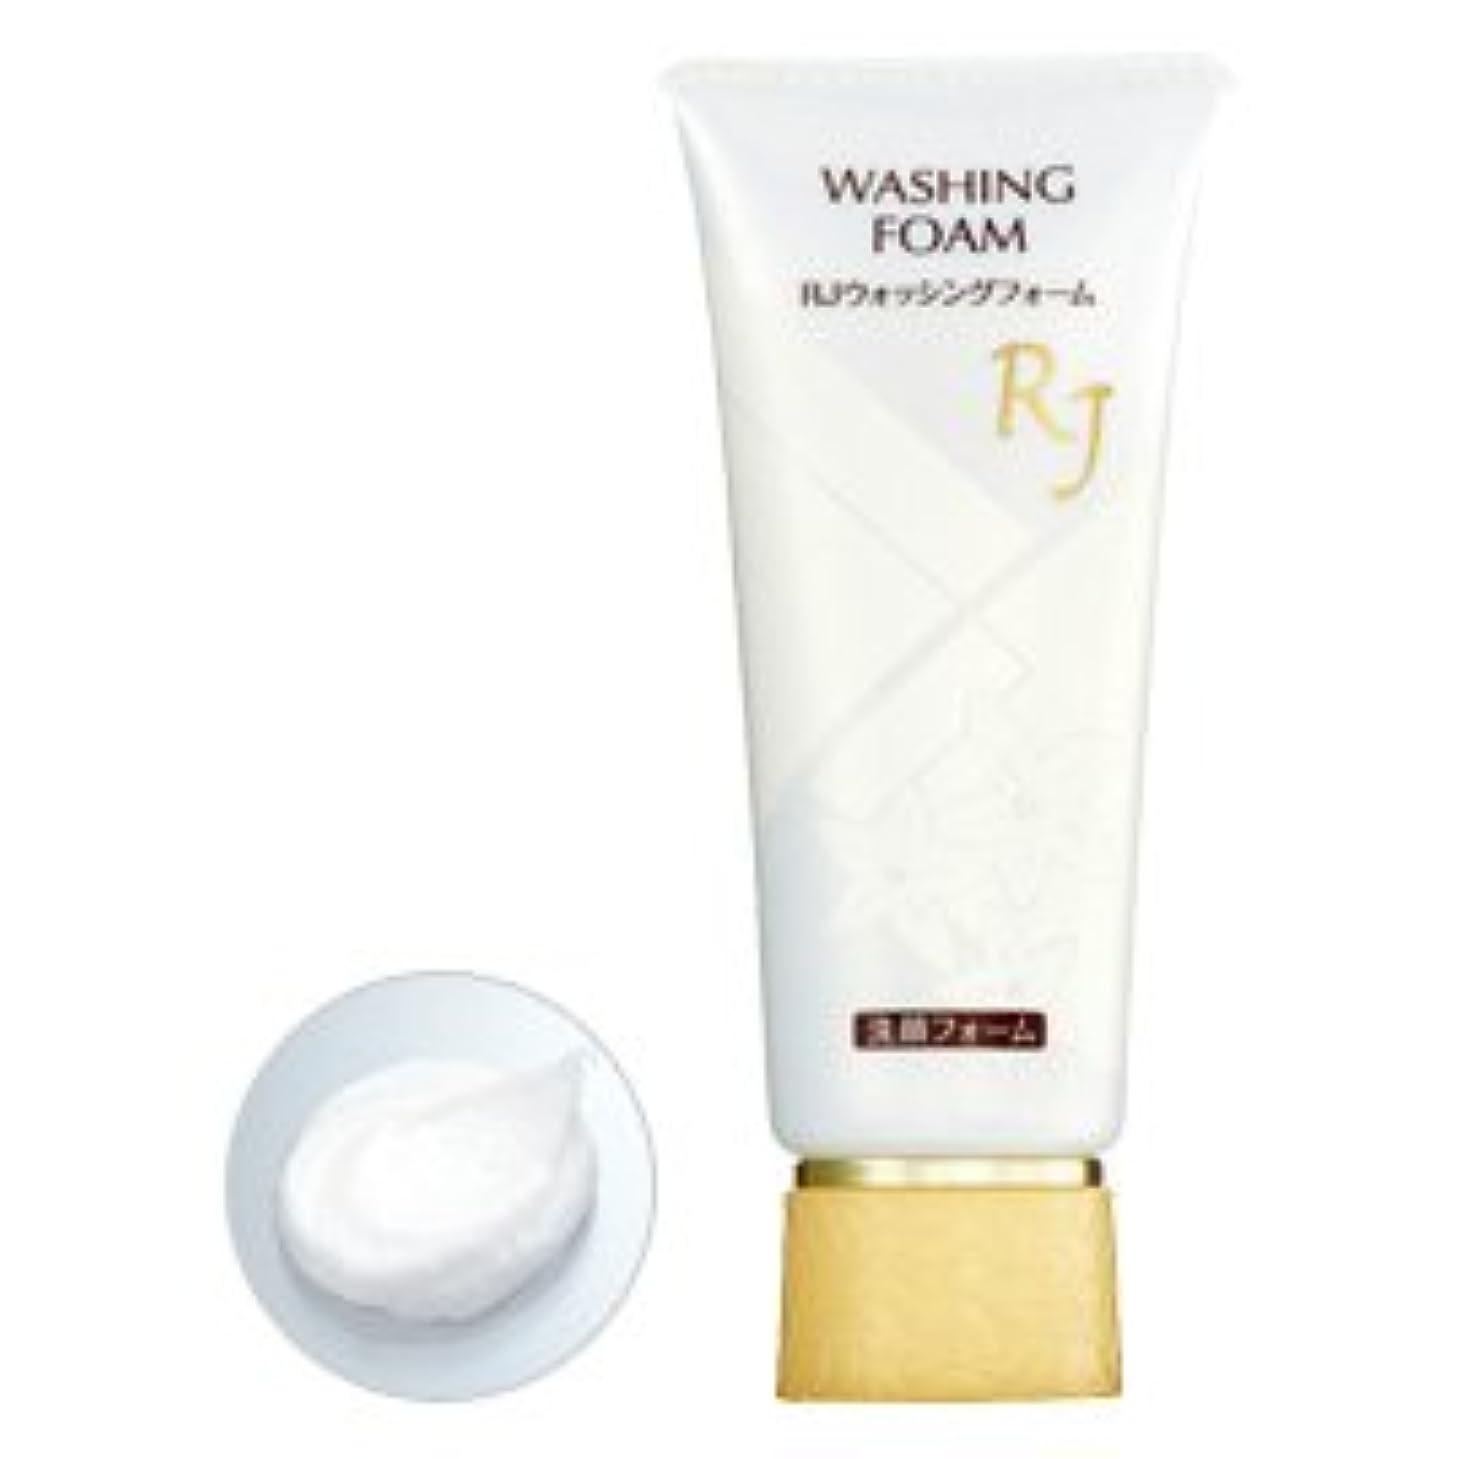 遠近法ぴったり呼び出すRJウォッシング(洗顔) フォーム 100g / RJ face wash <100g>